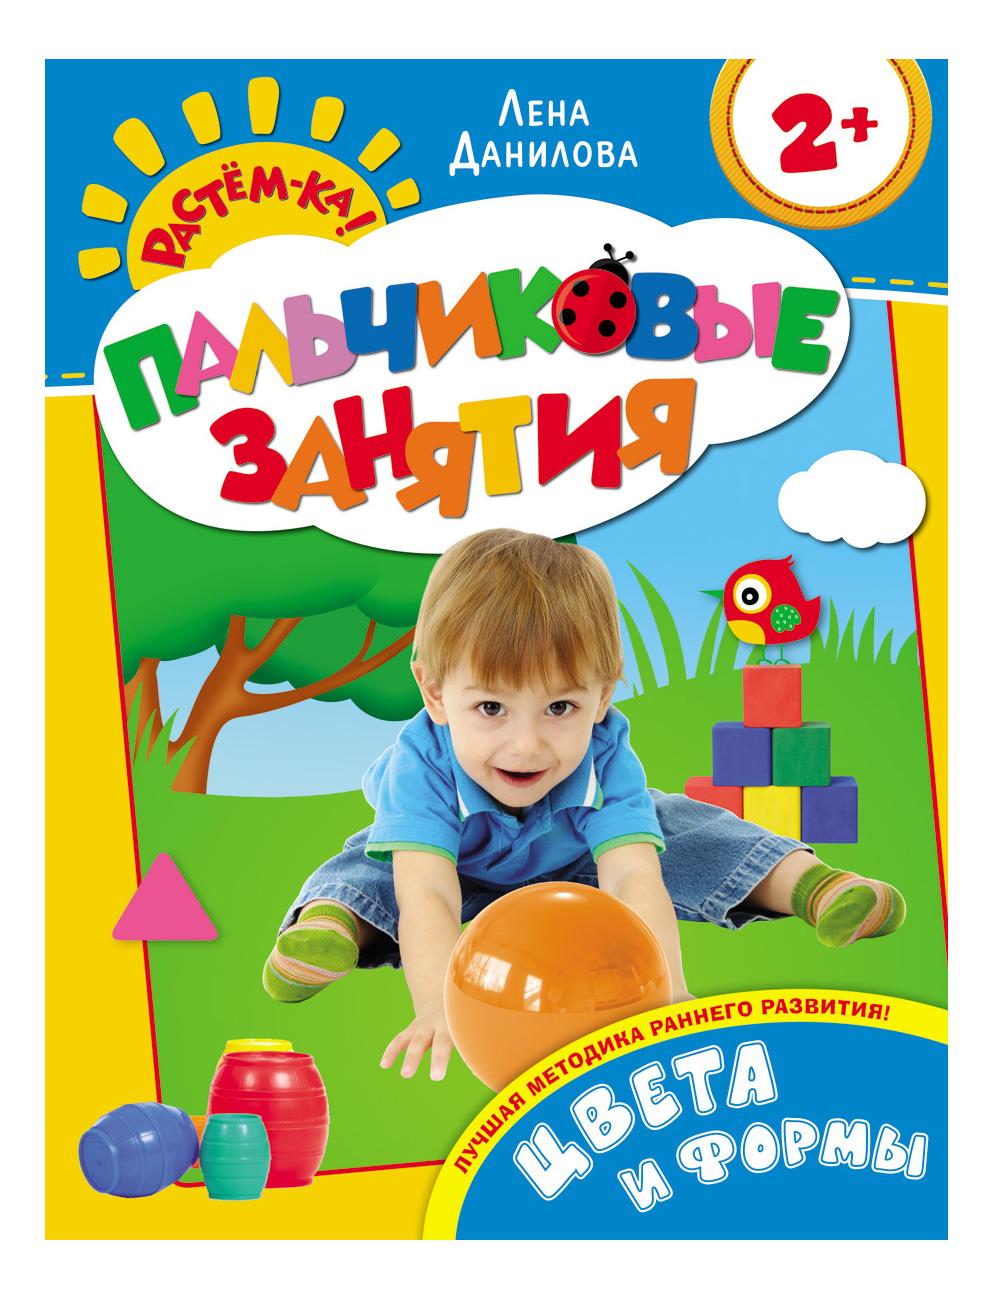 Цвета и Формы. пальчиковые Занятия 2+ Растем-Ка! Е. Данилова